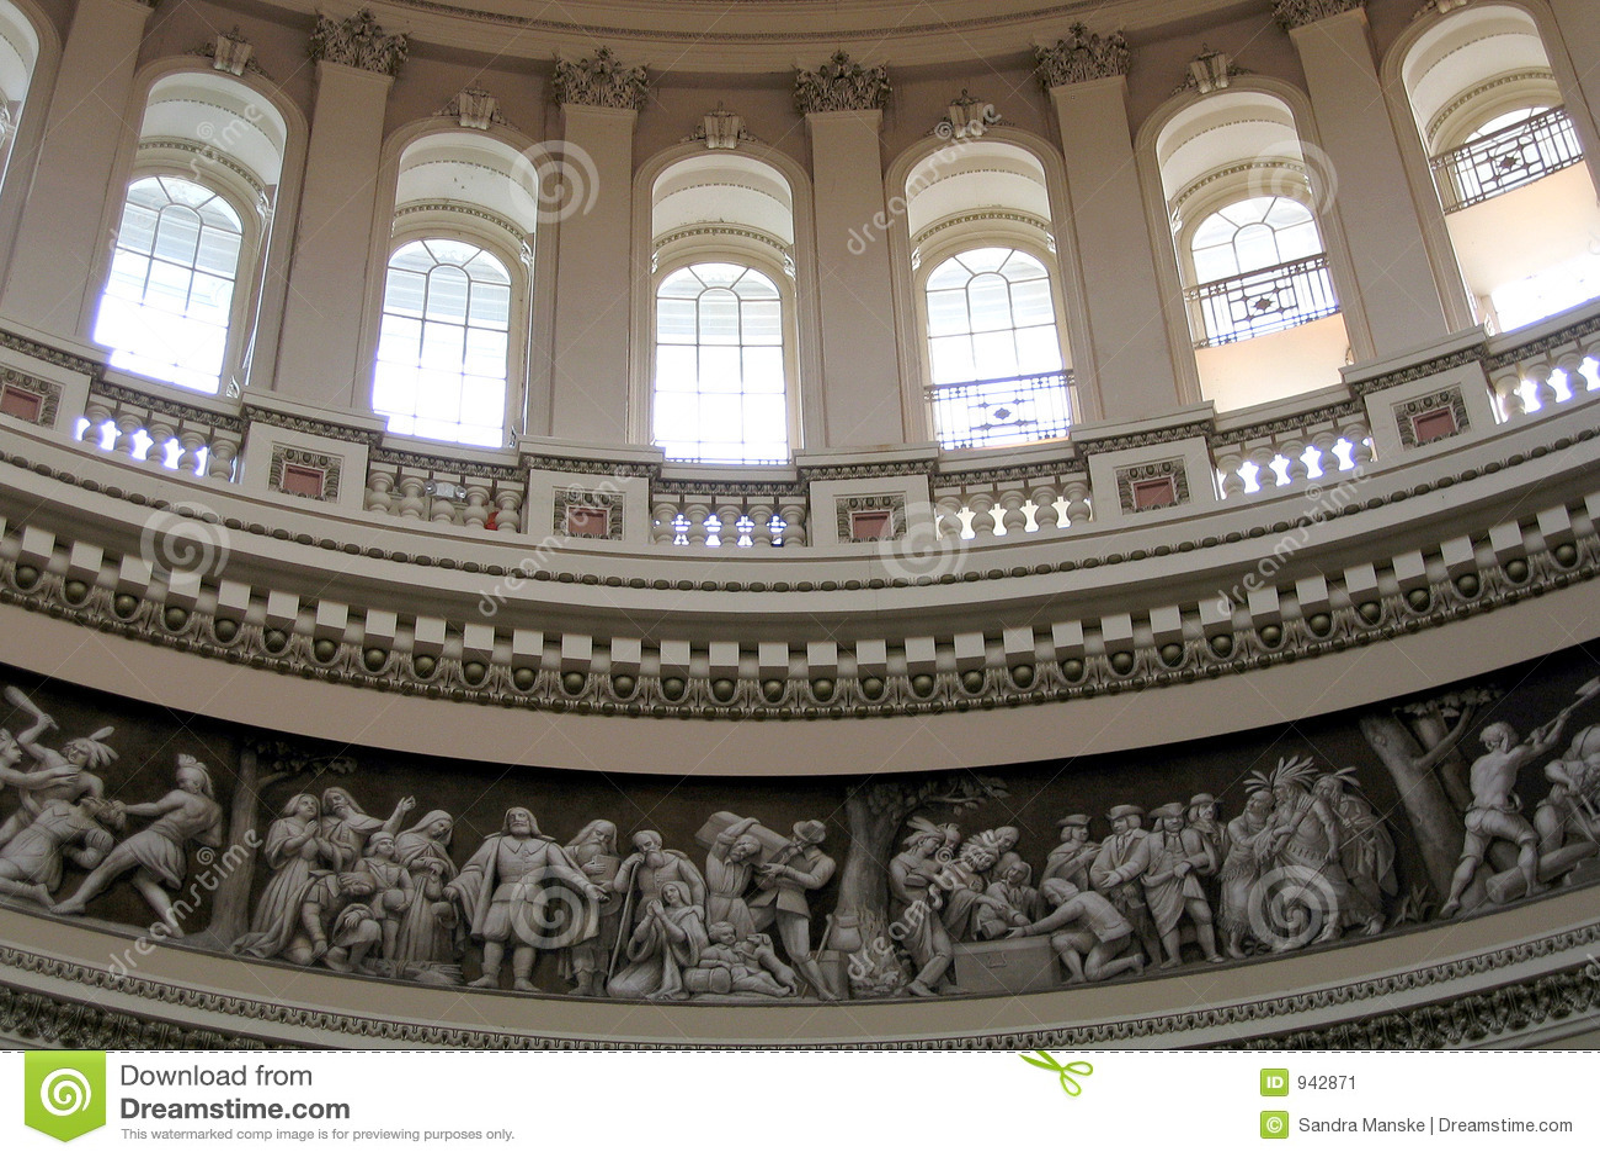 the apothesis of washington Apotheosis (from greek (constantino brumidi's fresco the apotheosis of washington on the dome of the united states capitol building in washington, dc).